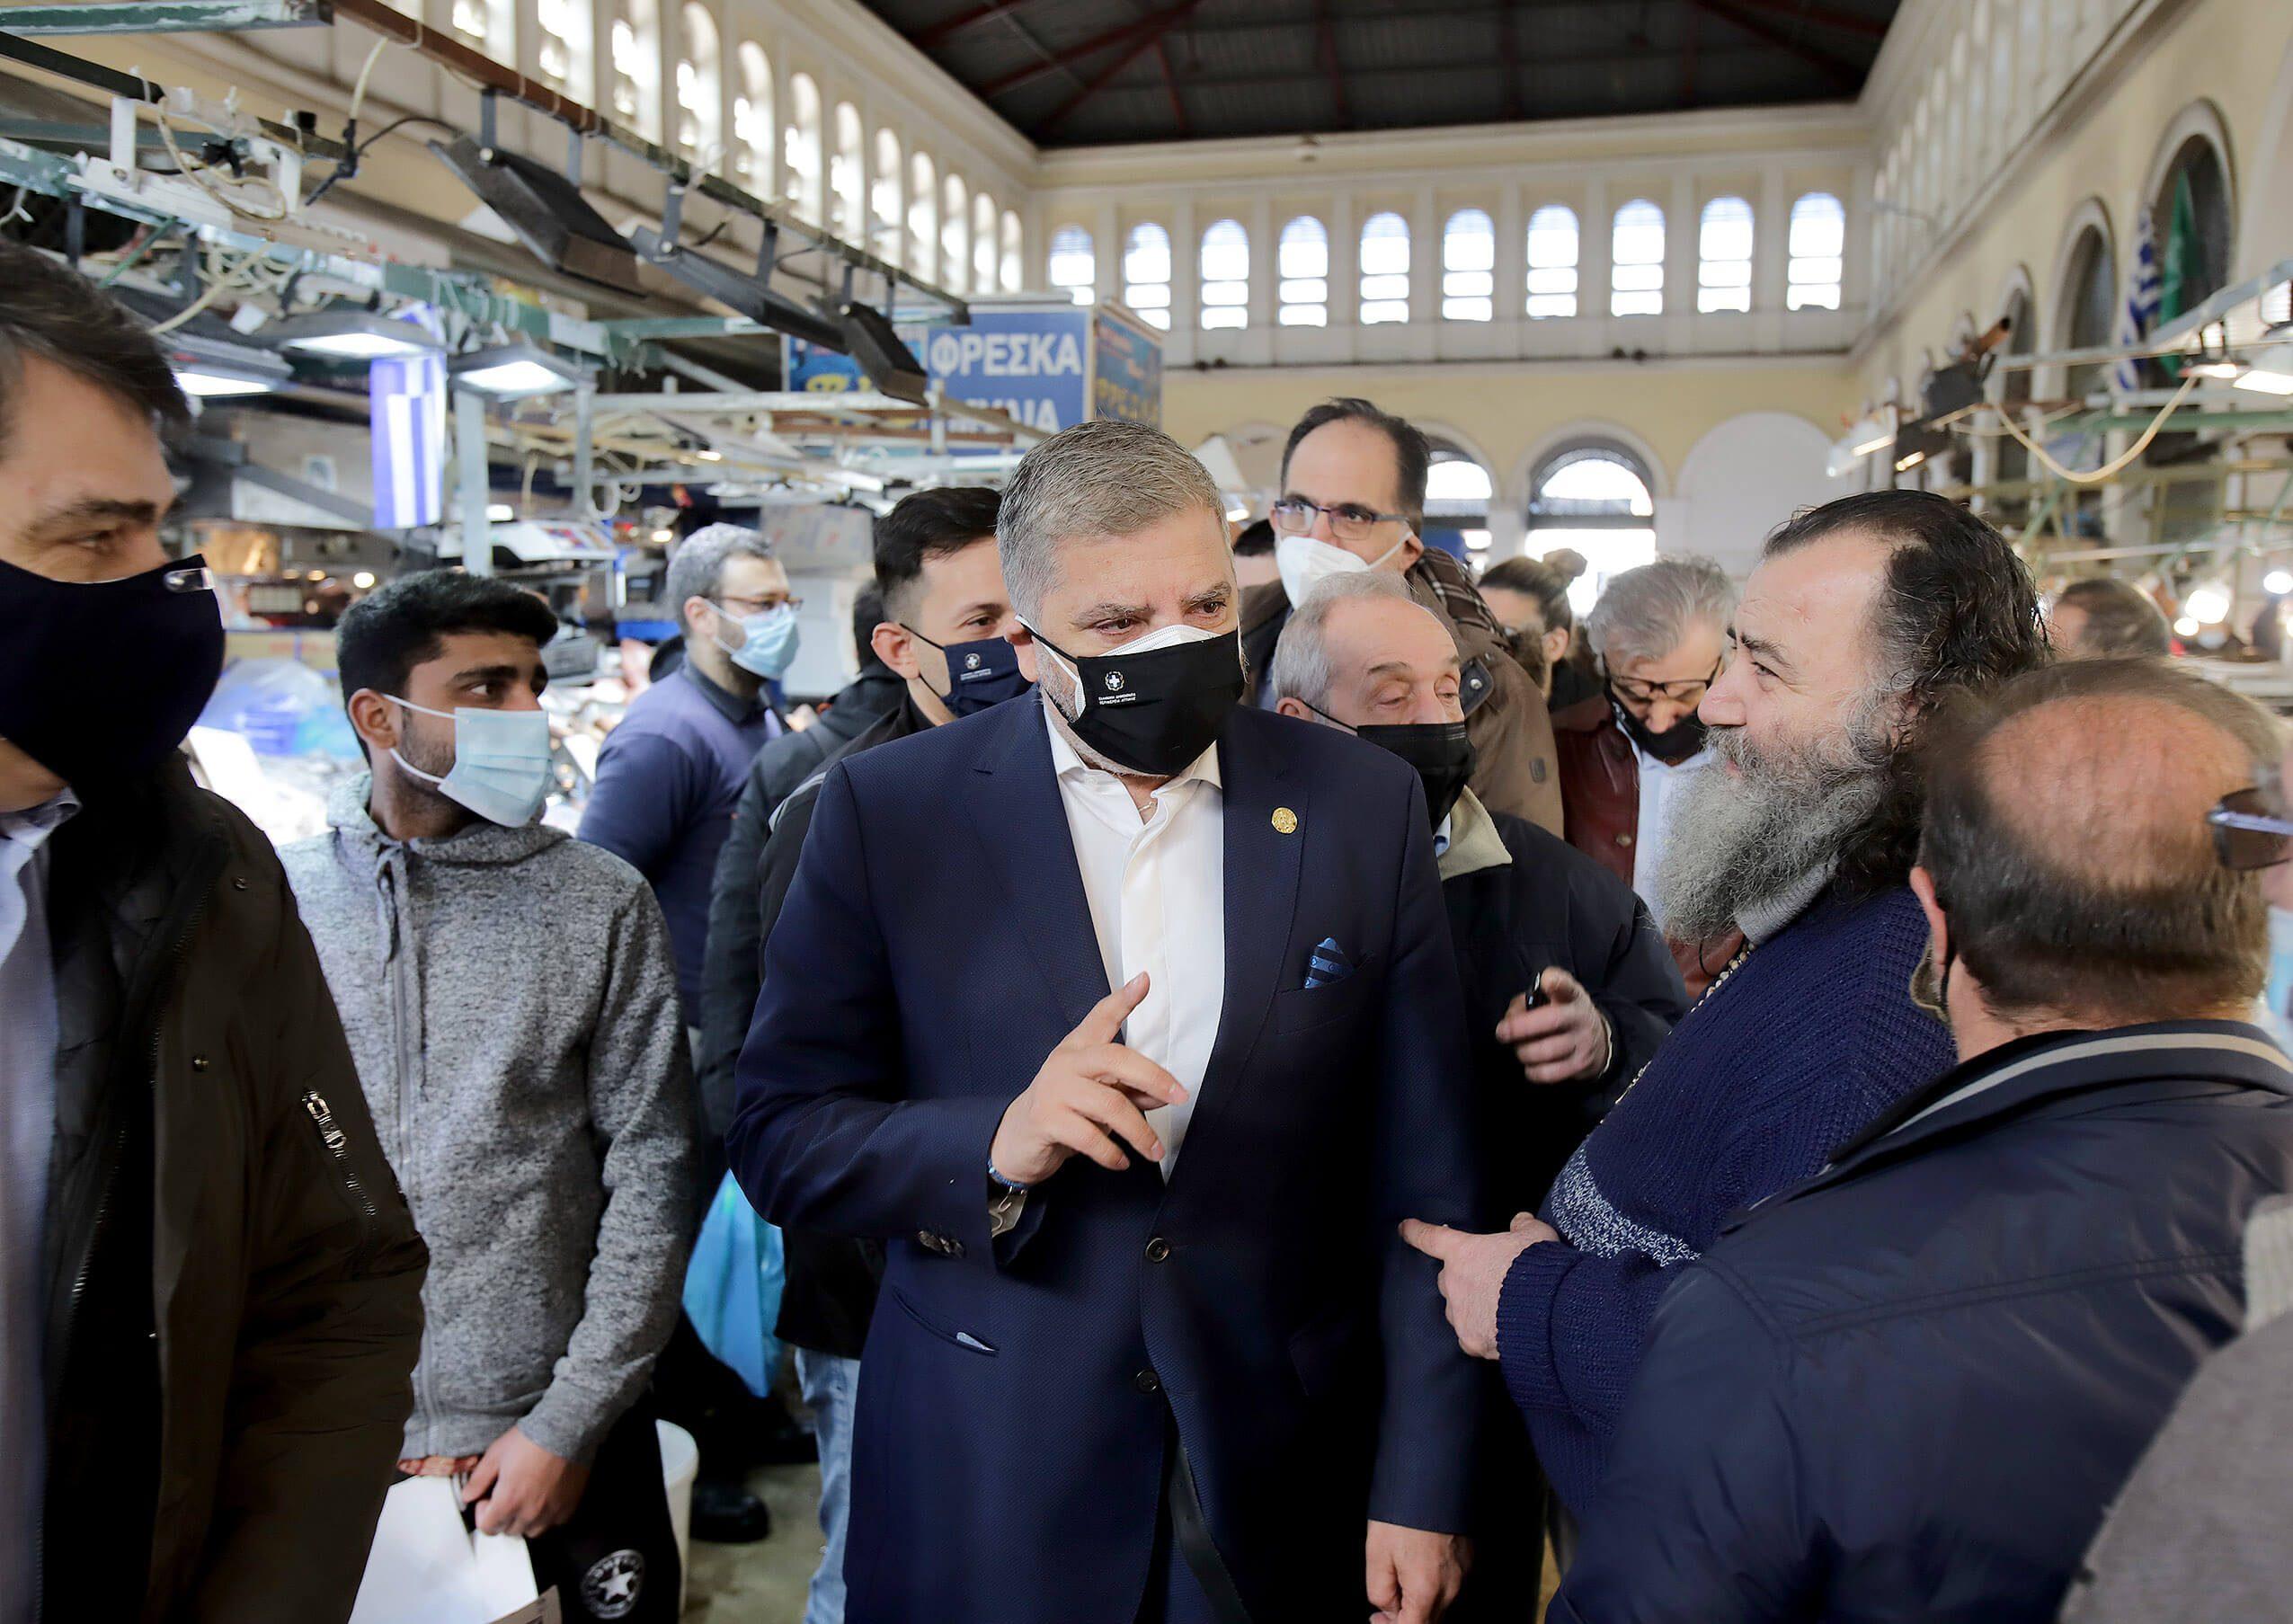 Επίσκεψη του Περιφερειάρχη Αττικής Γ. Πατούλη στη Βαρβάκειο Αγορά